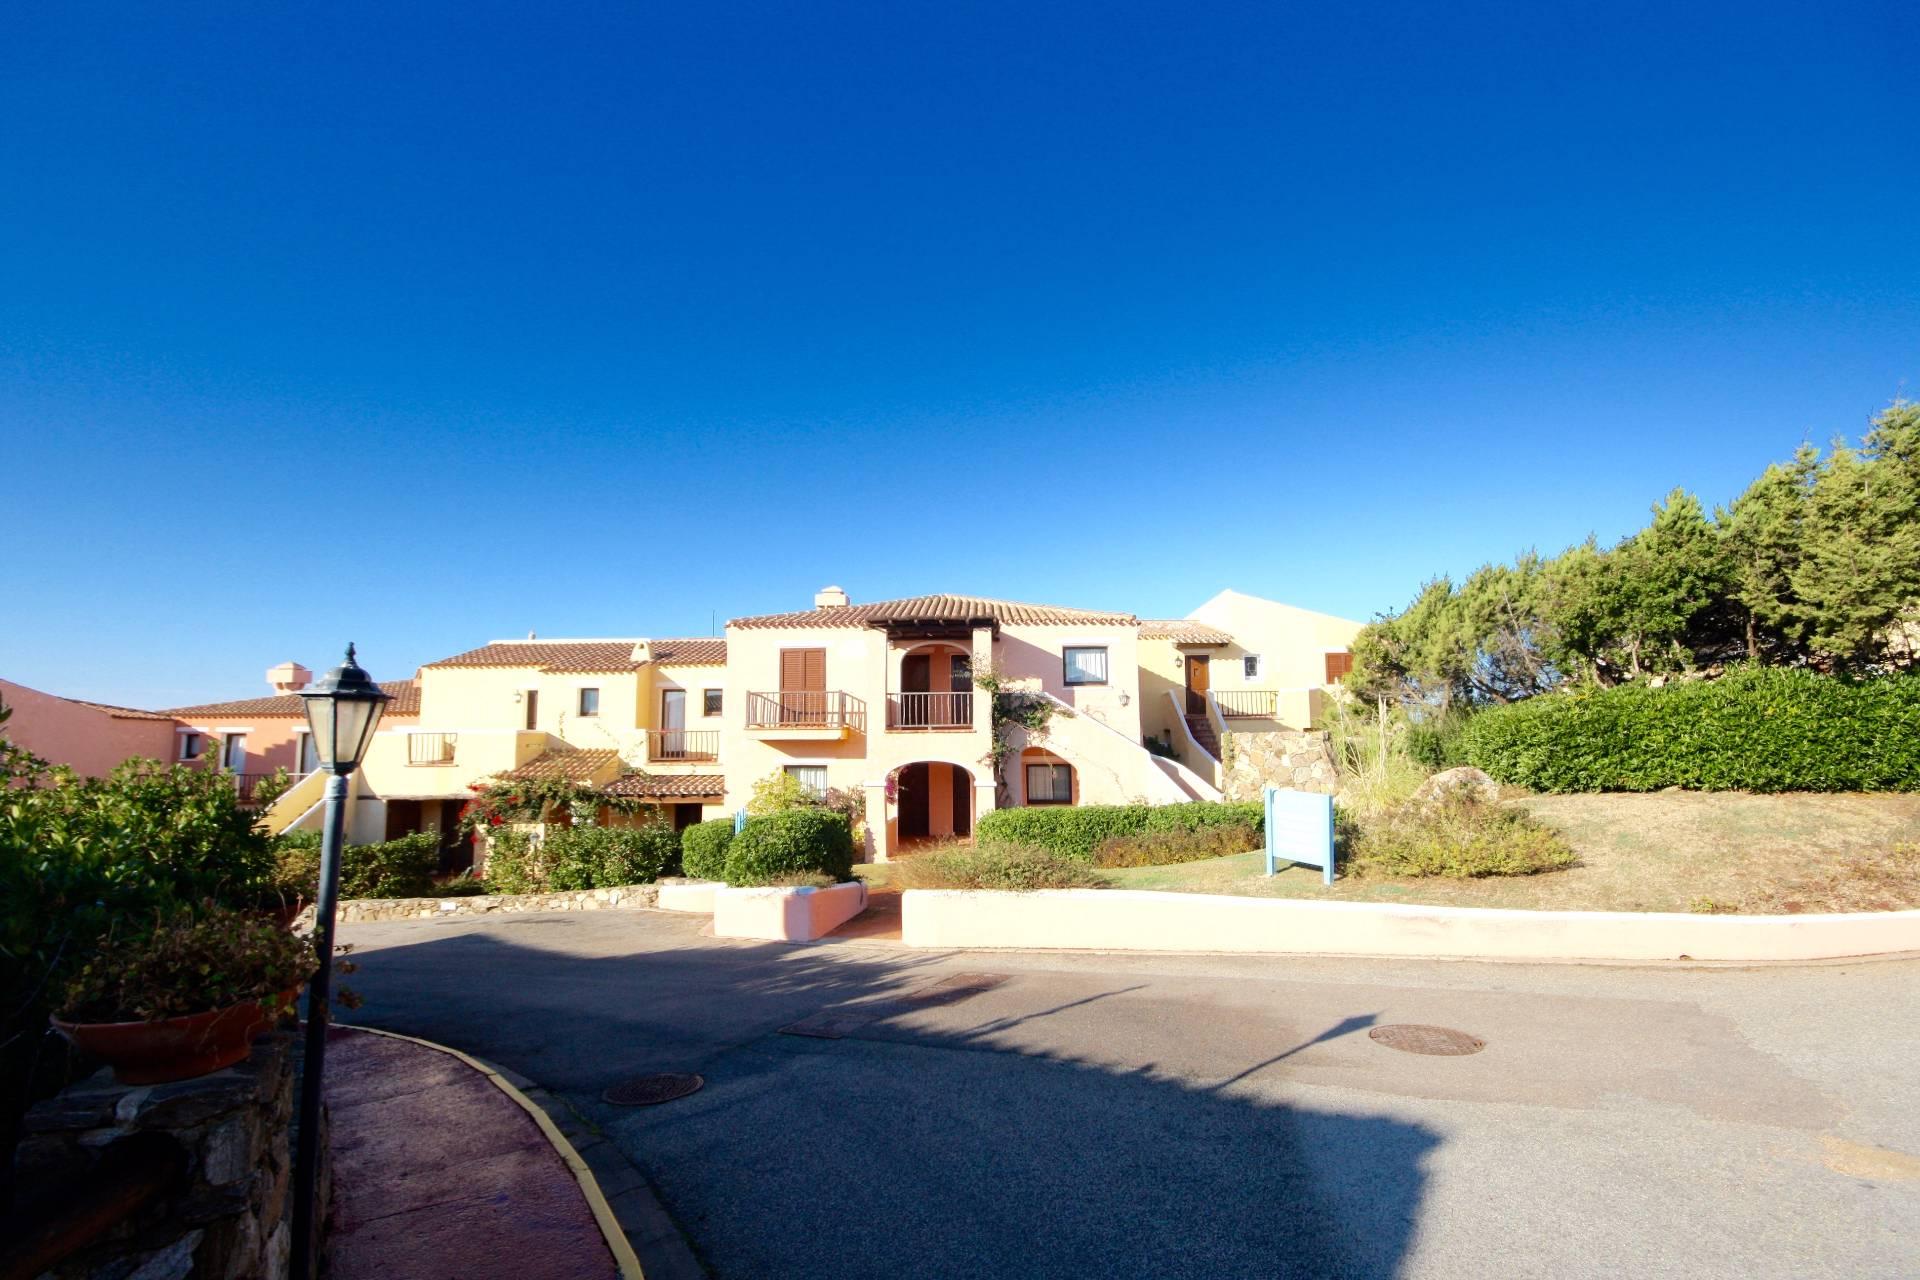 Appartamento in vendita a Arzachena - Porto Cervo, 3 locali, zona Località: PortoCervo-CaladelFaro, prezzo € 250.000 | CambioCasa.it